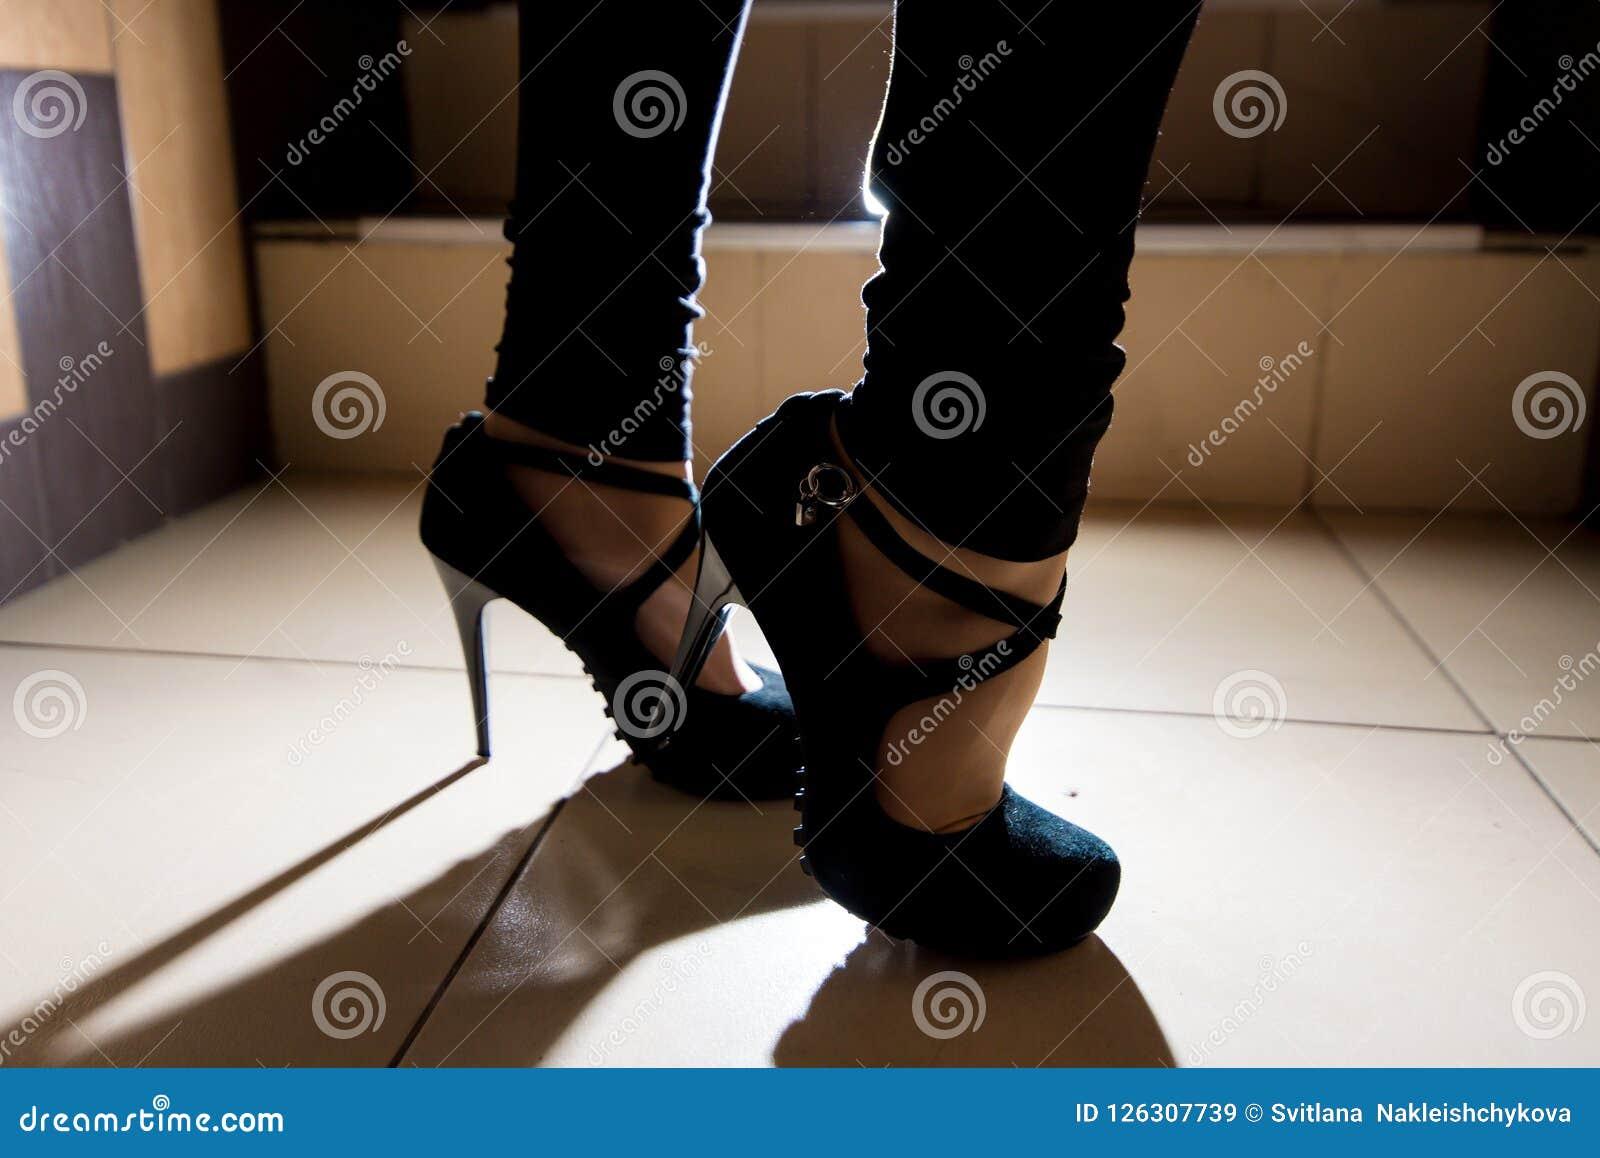 Pés fêmeas em sapatas alto-colocadas saltos preto